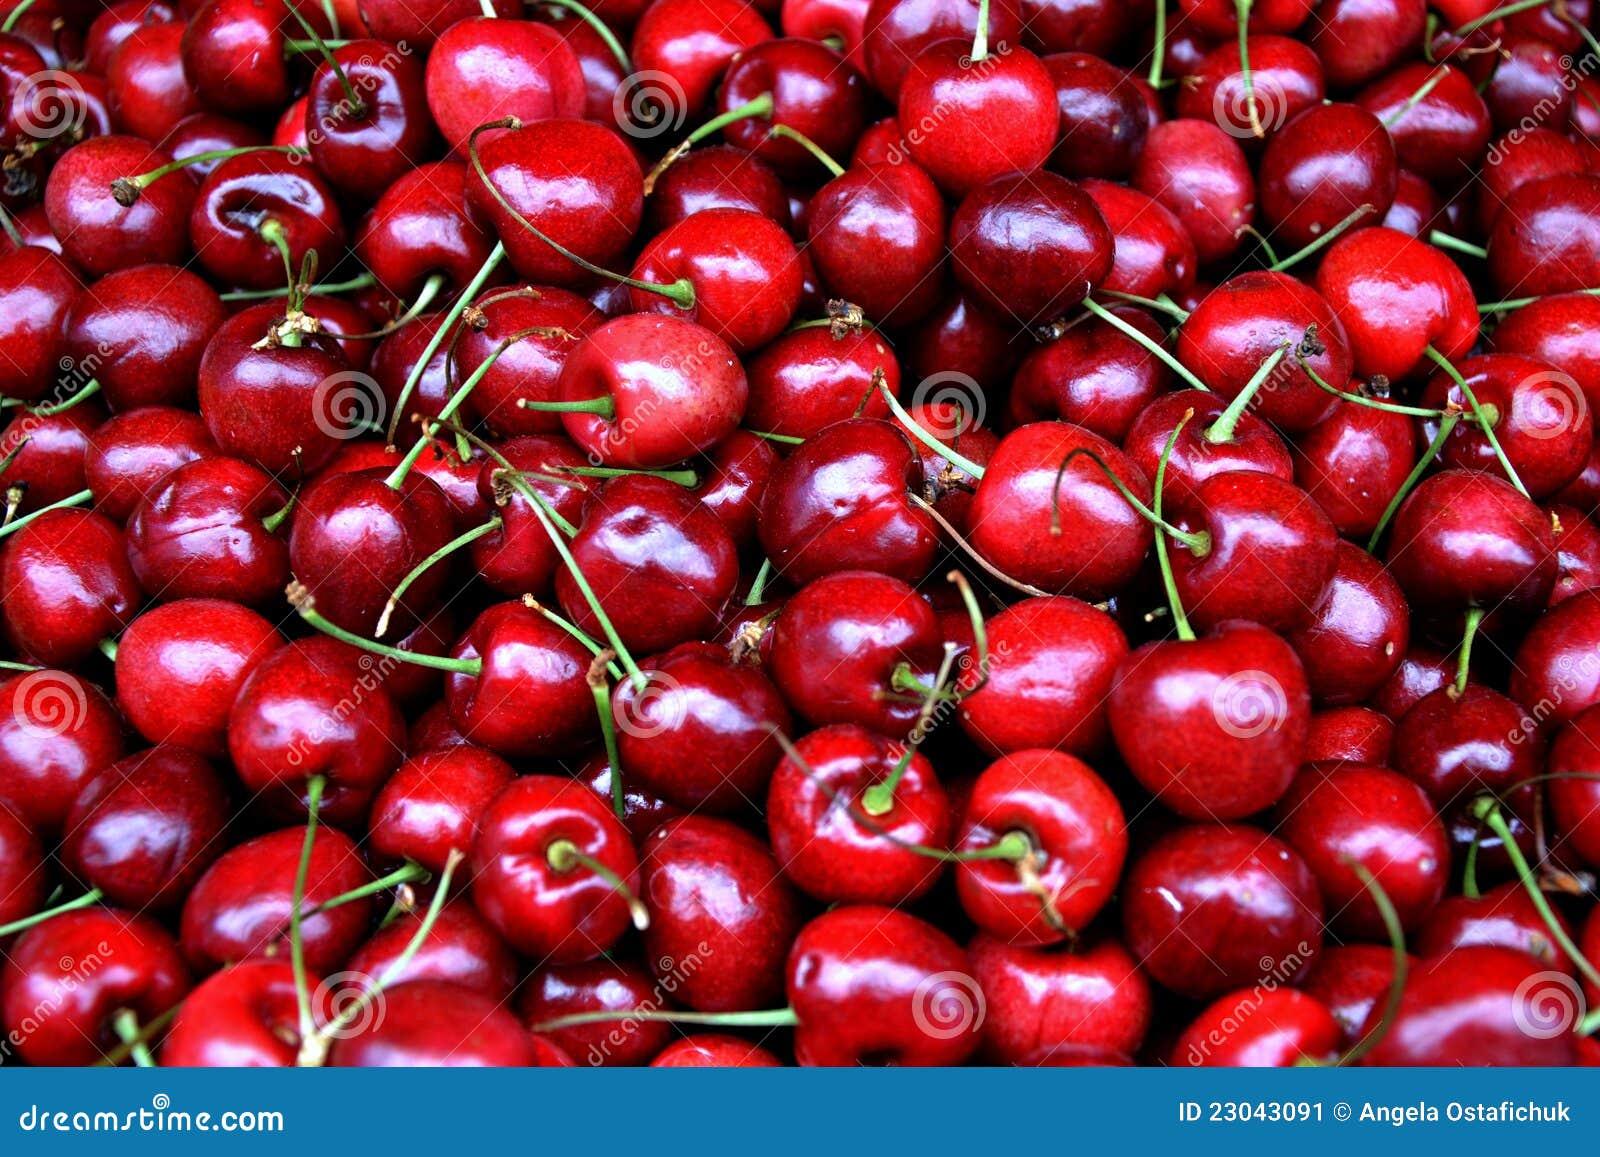 Fresh Cherries Stock Image - Image: 23043091